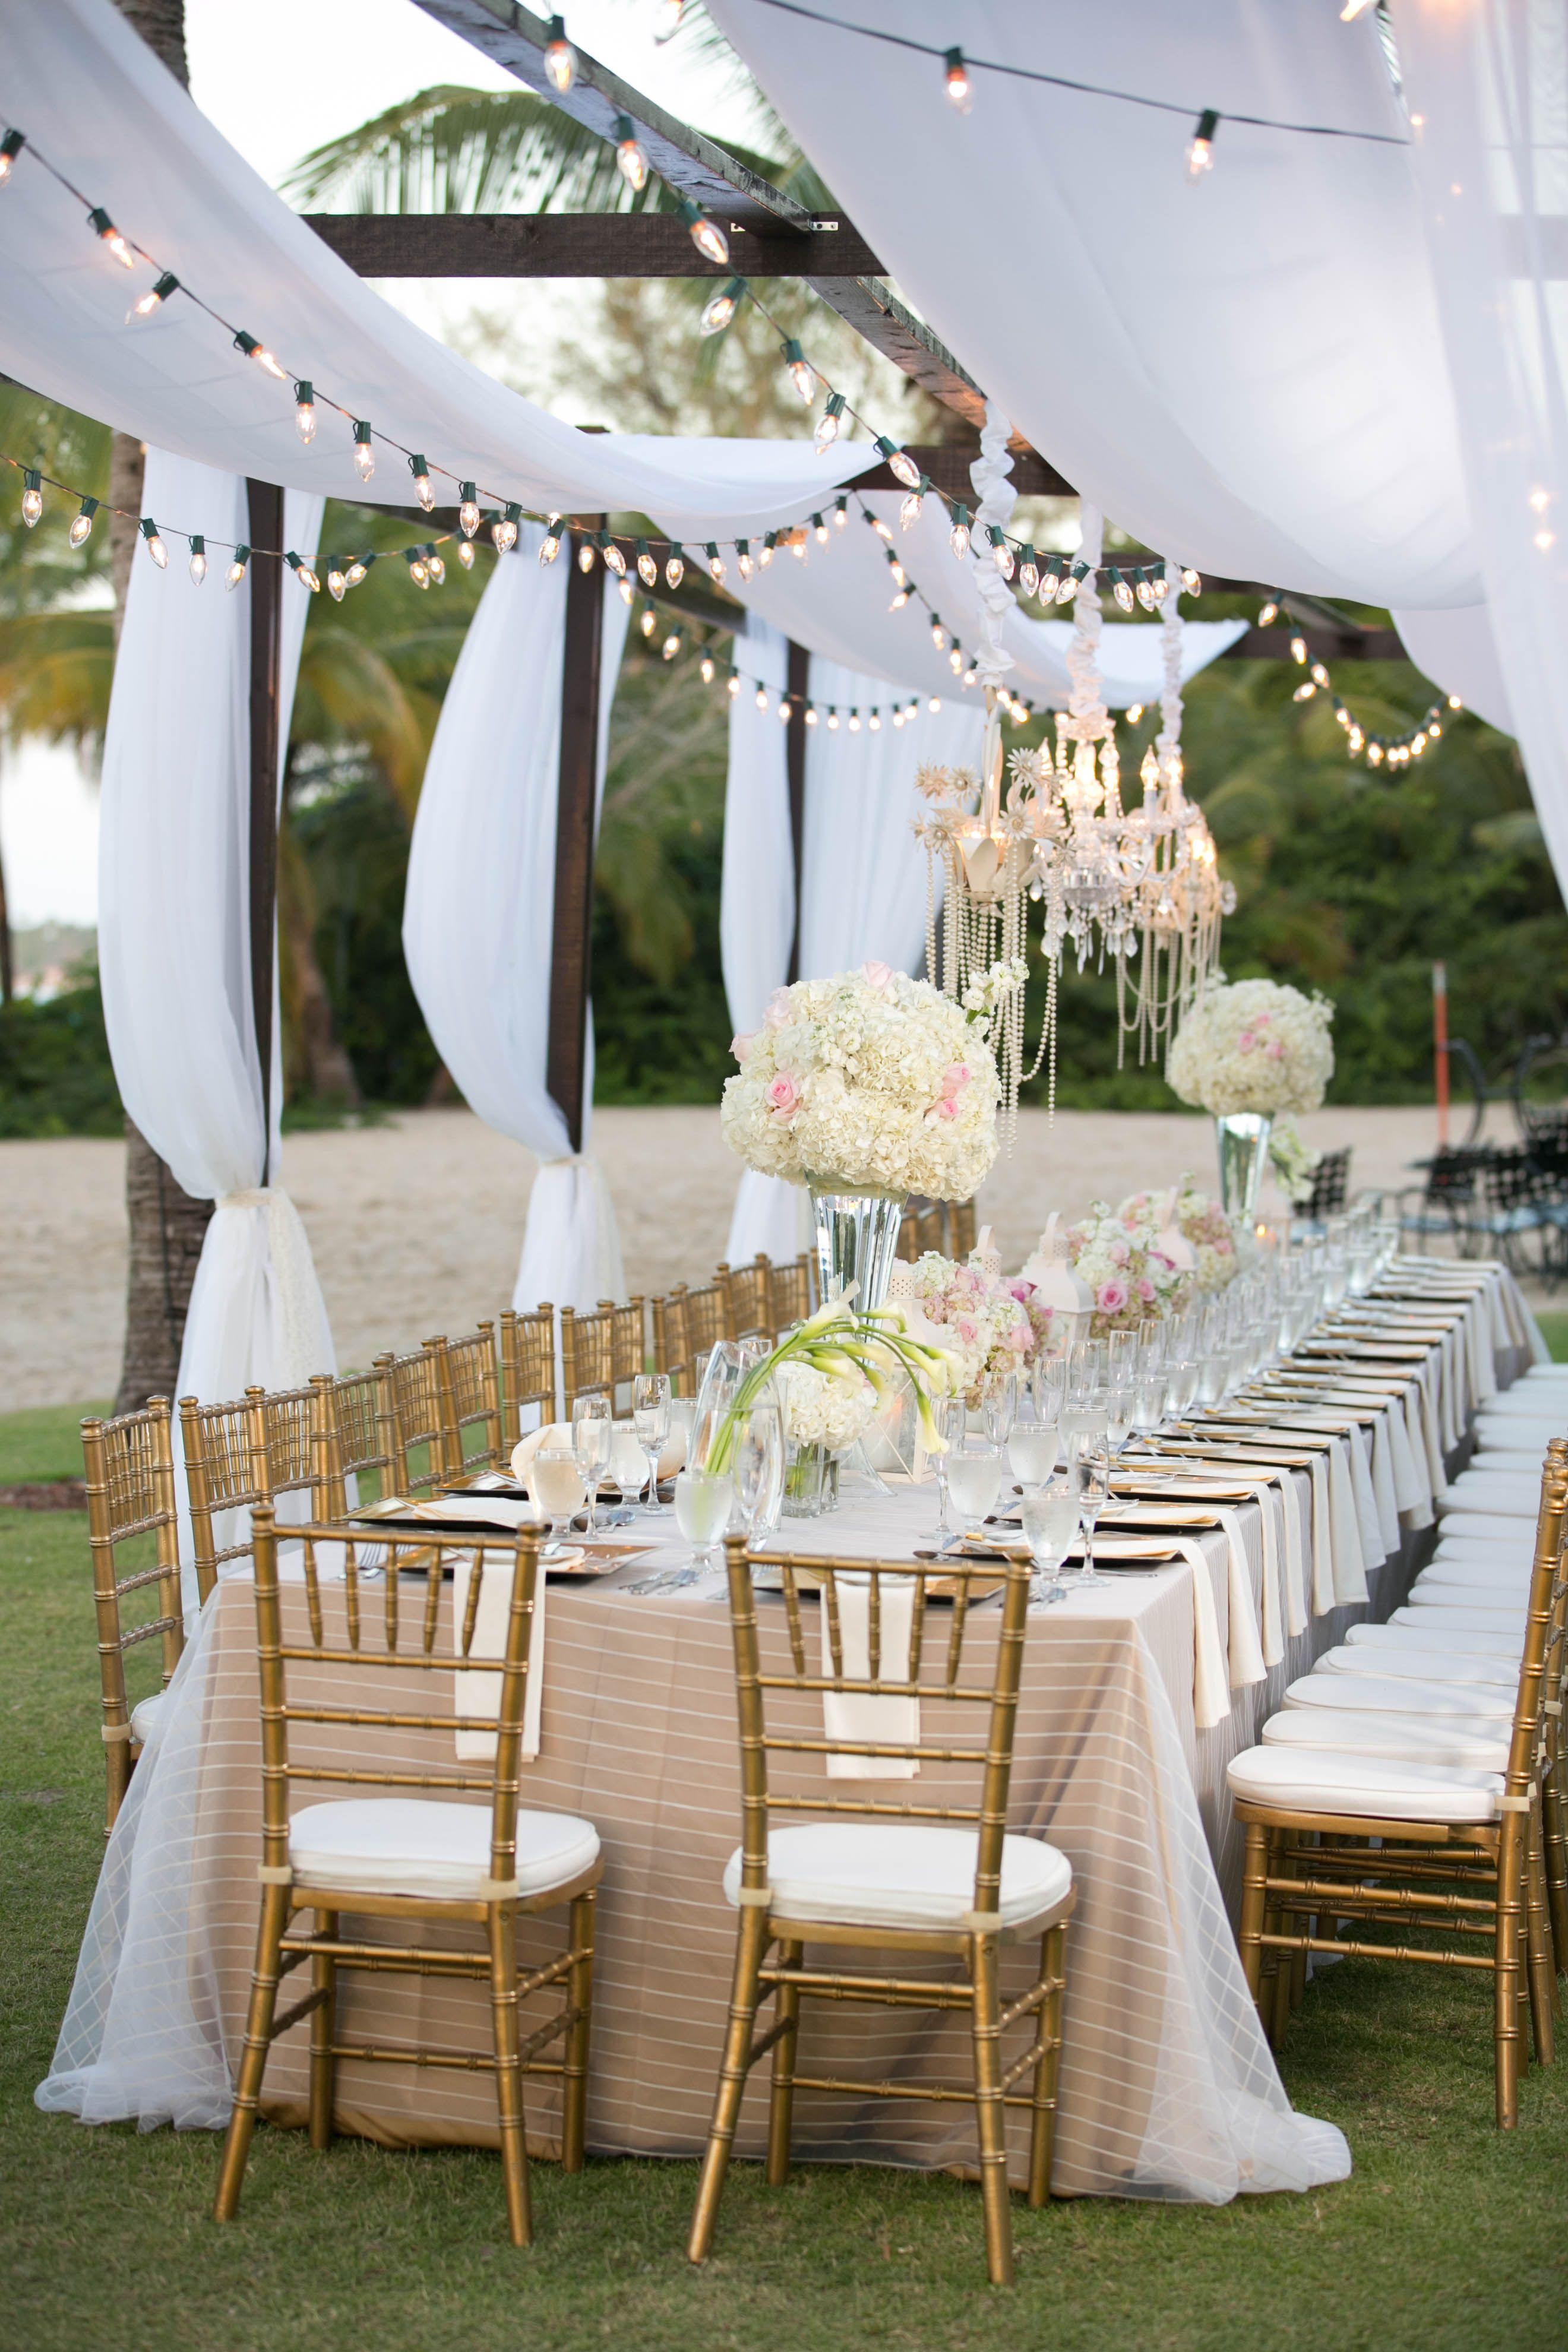 Puerto Rico Wedding Venue & Ceremony Floor Plans | Wedding ...